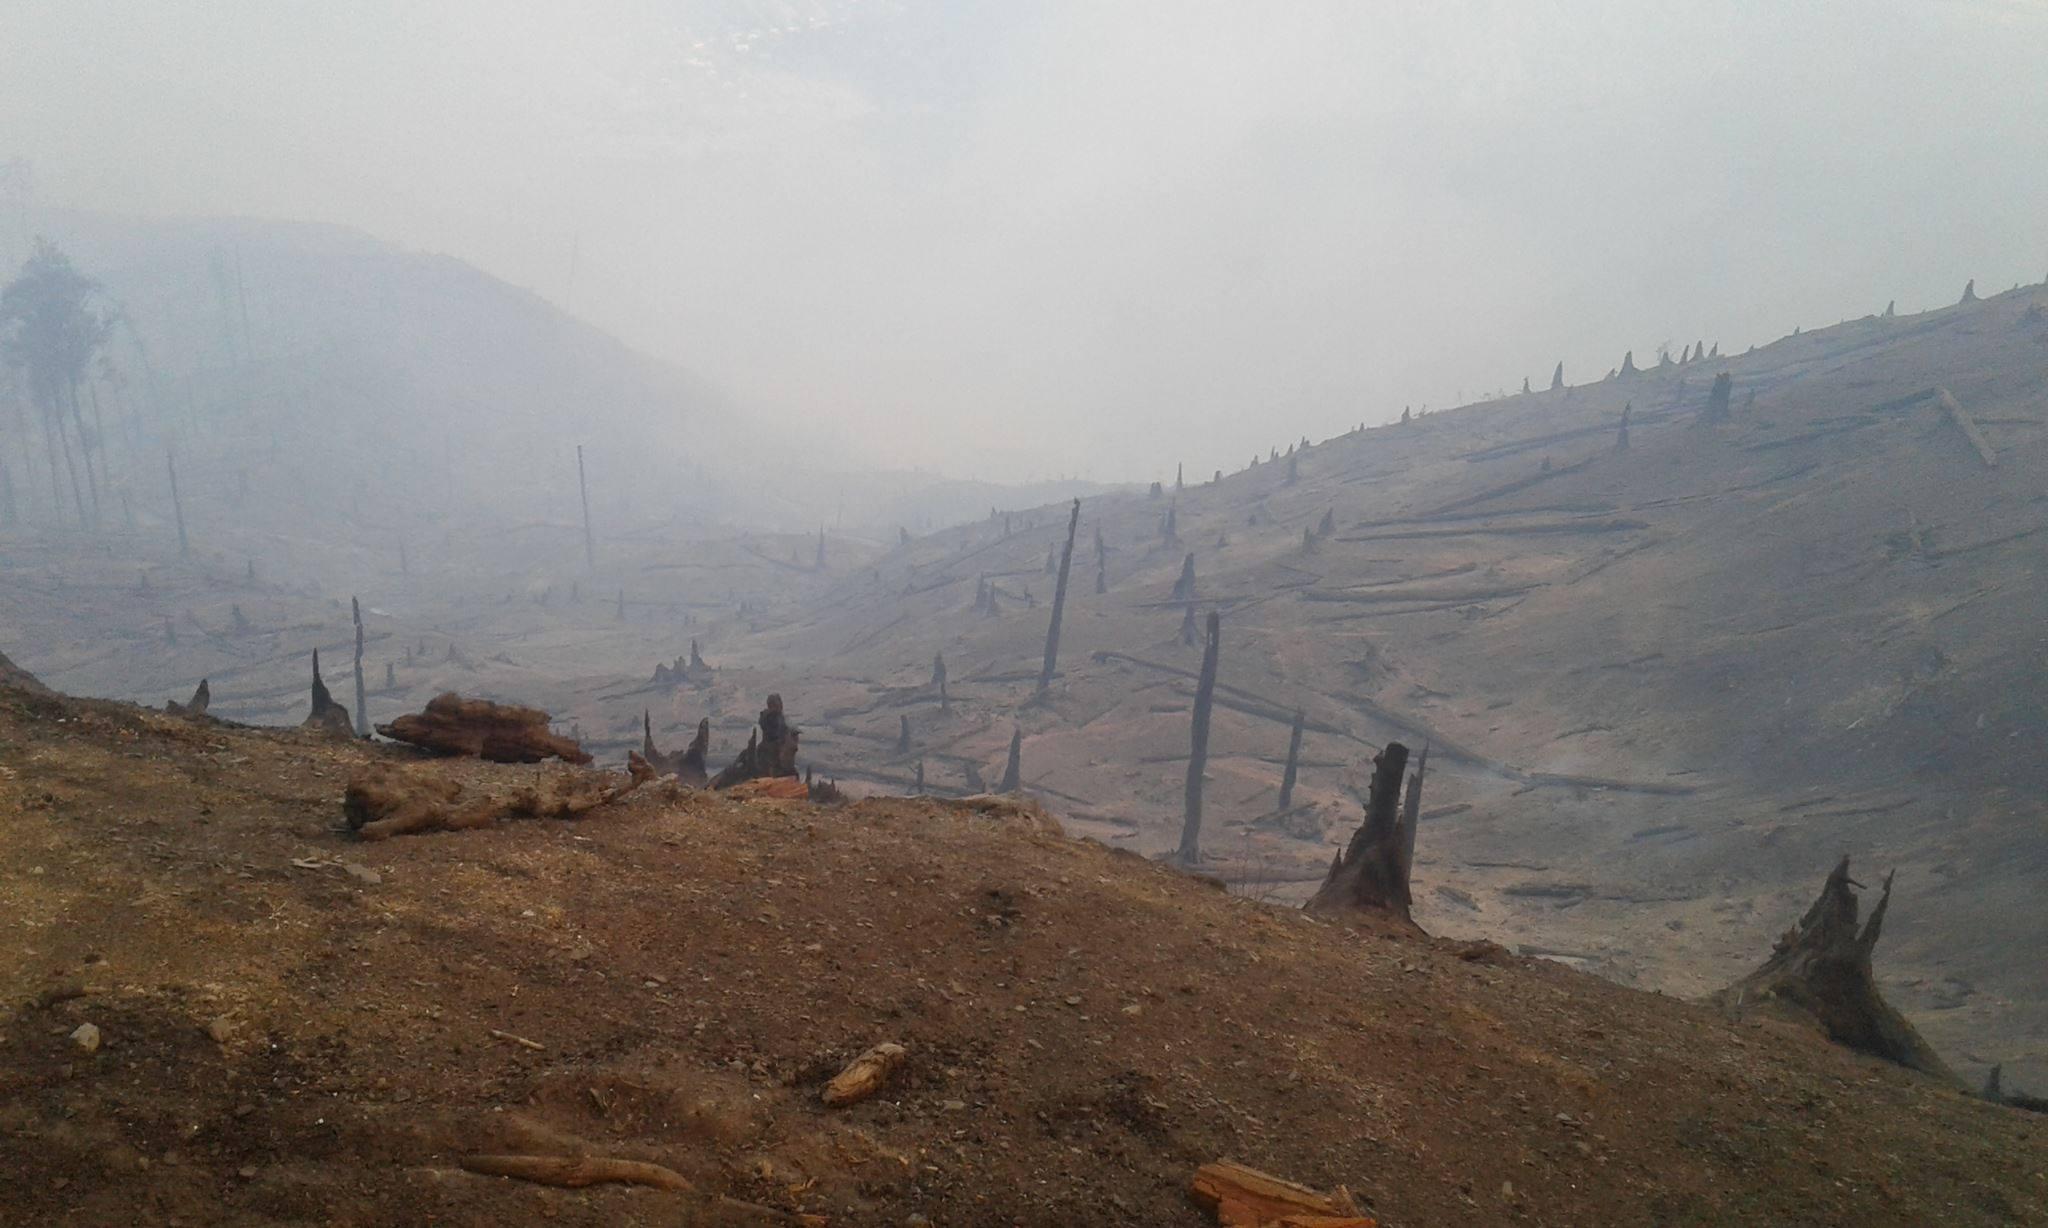 20988242 2163669723661743 32127298096586351 o #фоторепортаж Боржомское ущелье, Грузия, пожар, фото